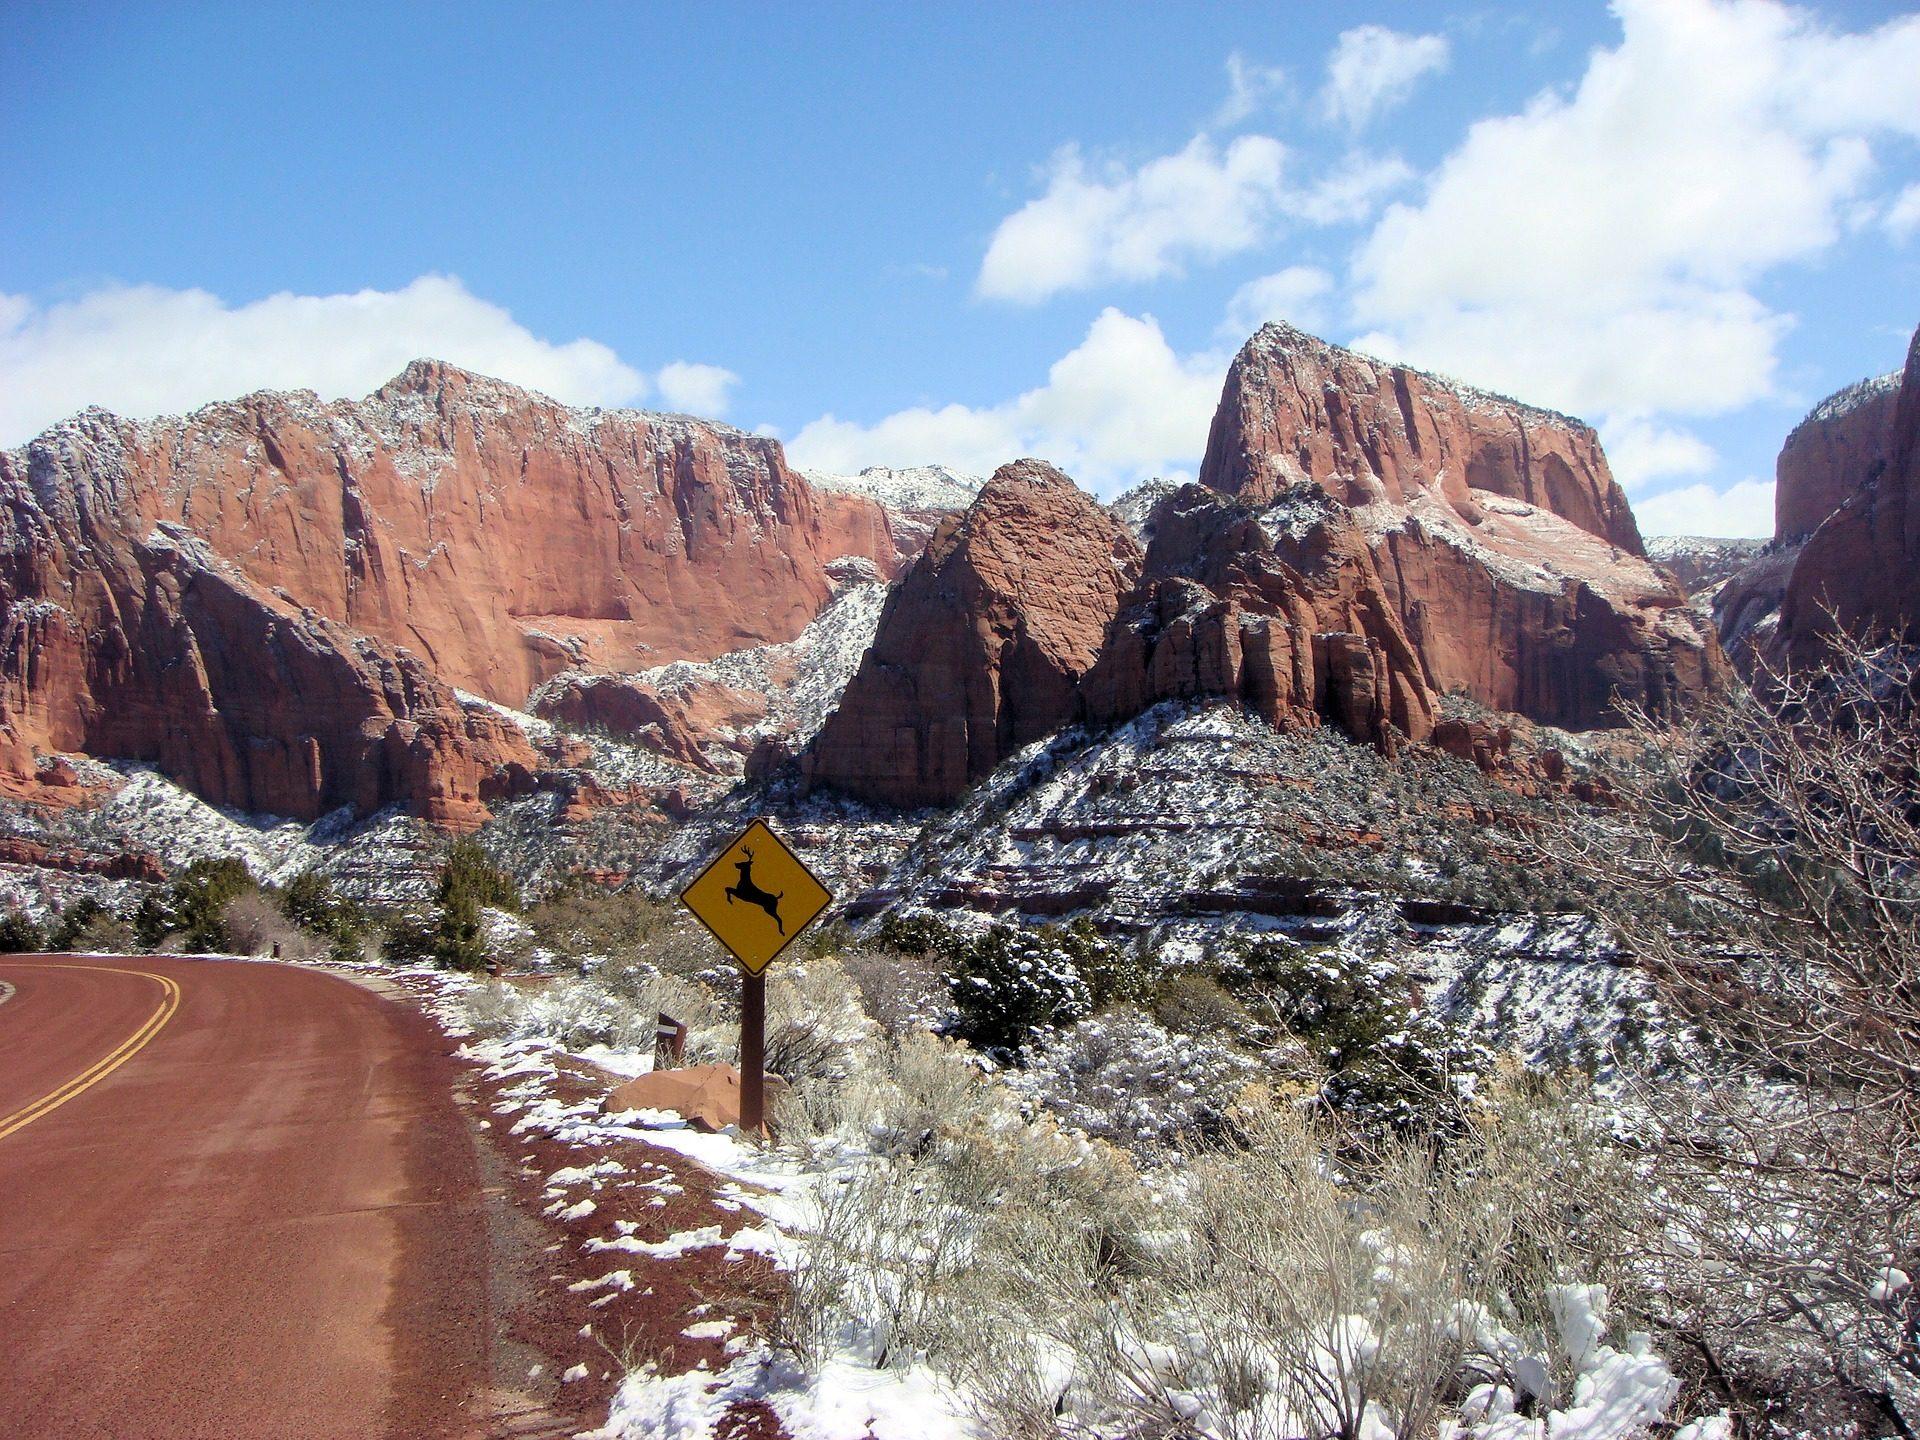 沙漠, 雪, 奥, 国立公园, 锡安, 犹他州 - 高清壁纸 - 教授-falken.com